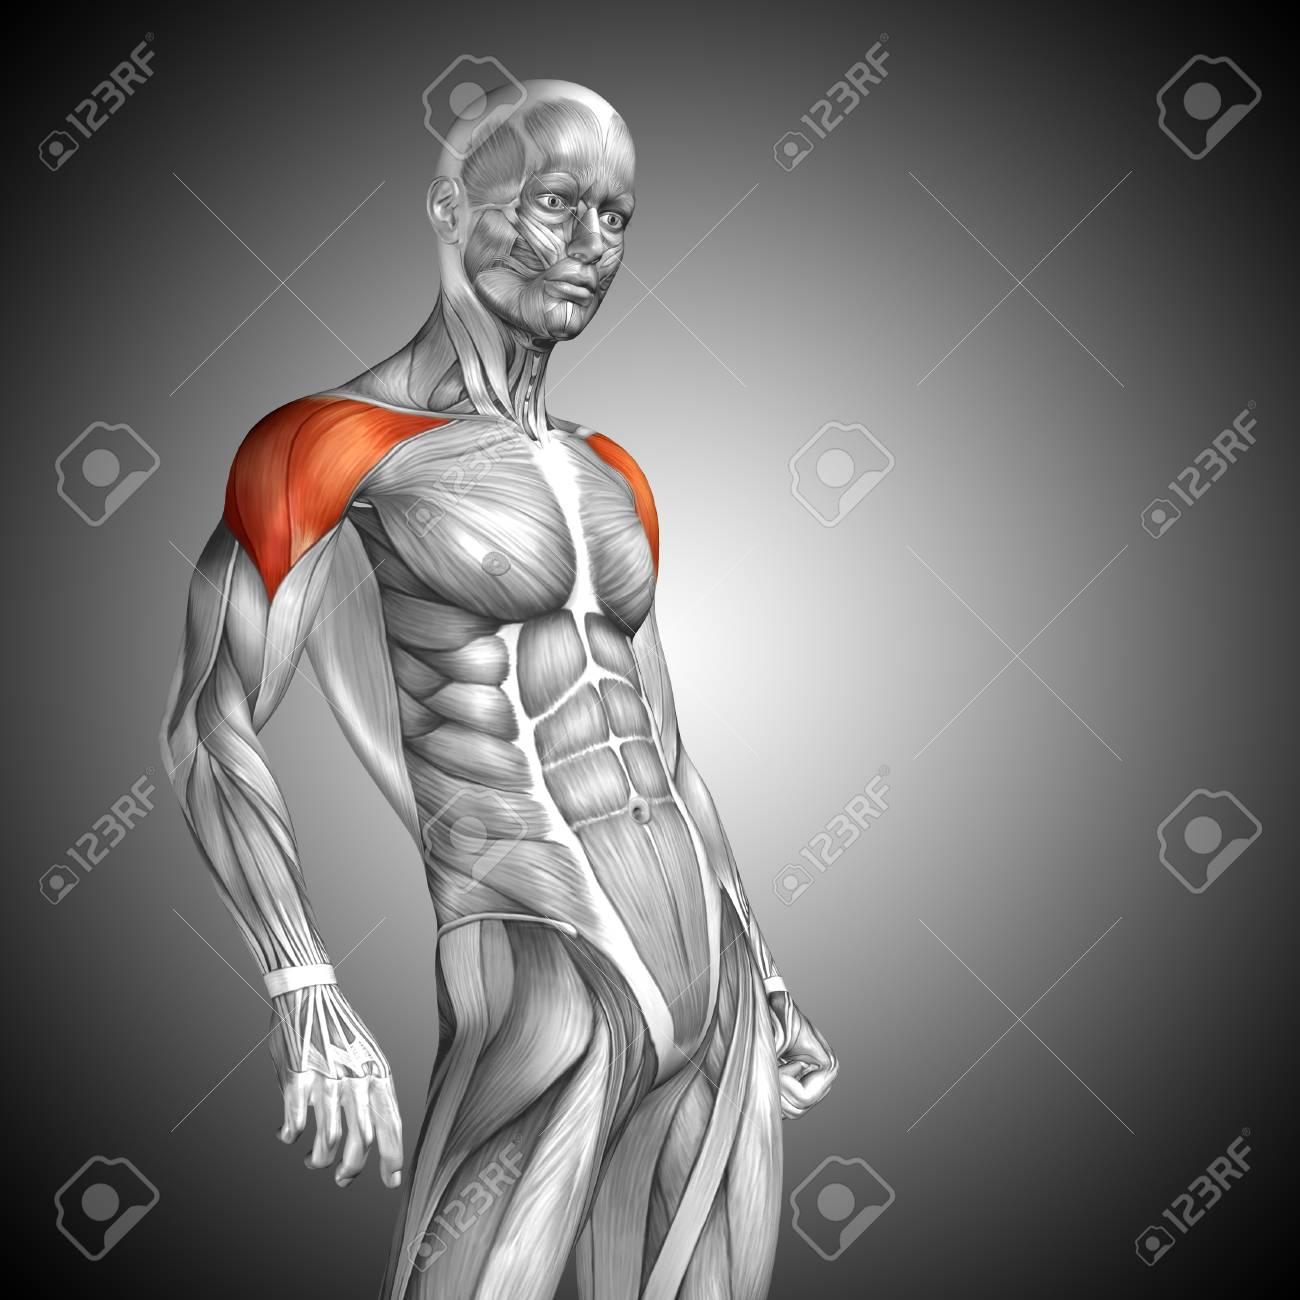 Moderno Pecho Diagrama De La Anatomía Muscular Modelo - Anatomía y ...